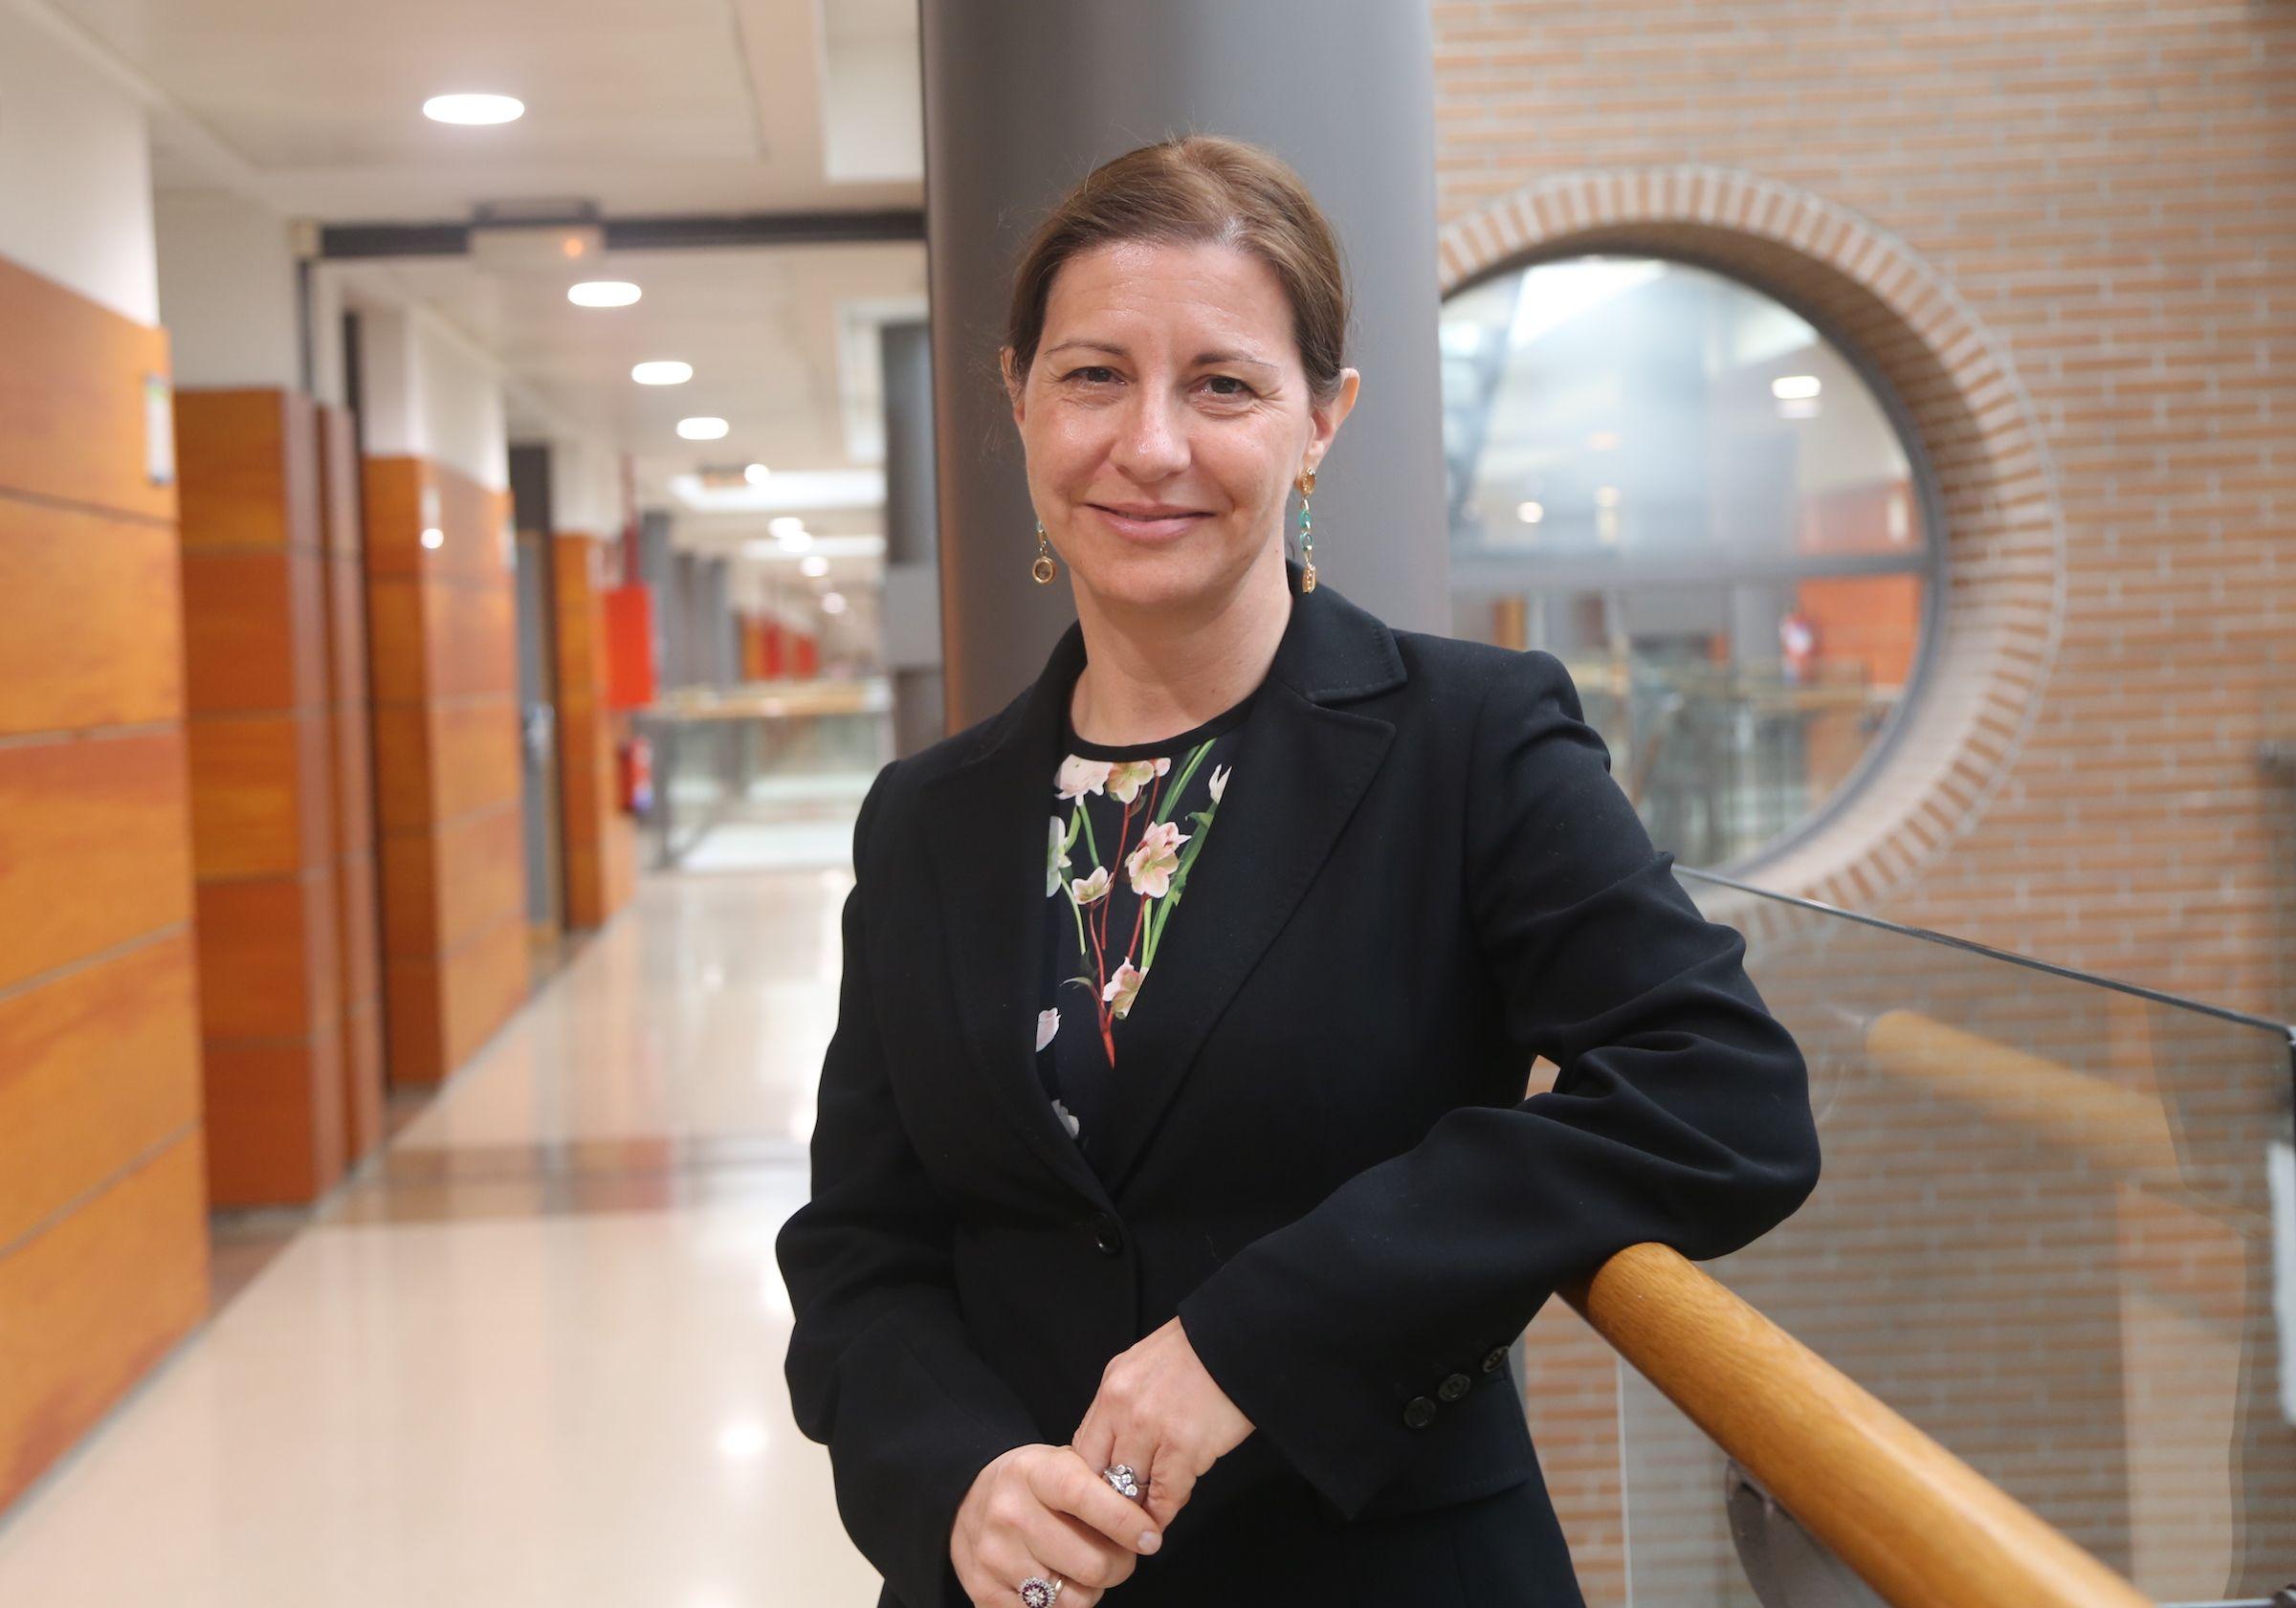 Susana Sanz, nueva juez 'ad hoc' del Tribunal de Estrasburgo, en la Facultad de Derecho y Ciencias Políticas de la CEU UCH, de la que es catedrática.